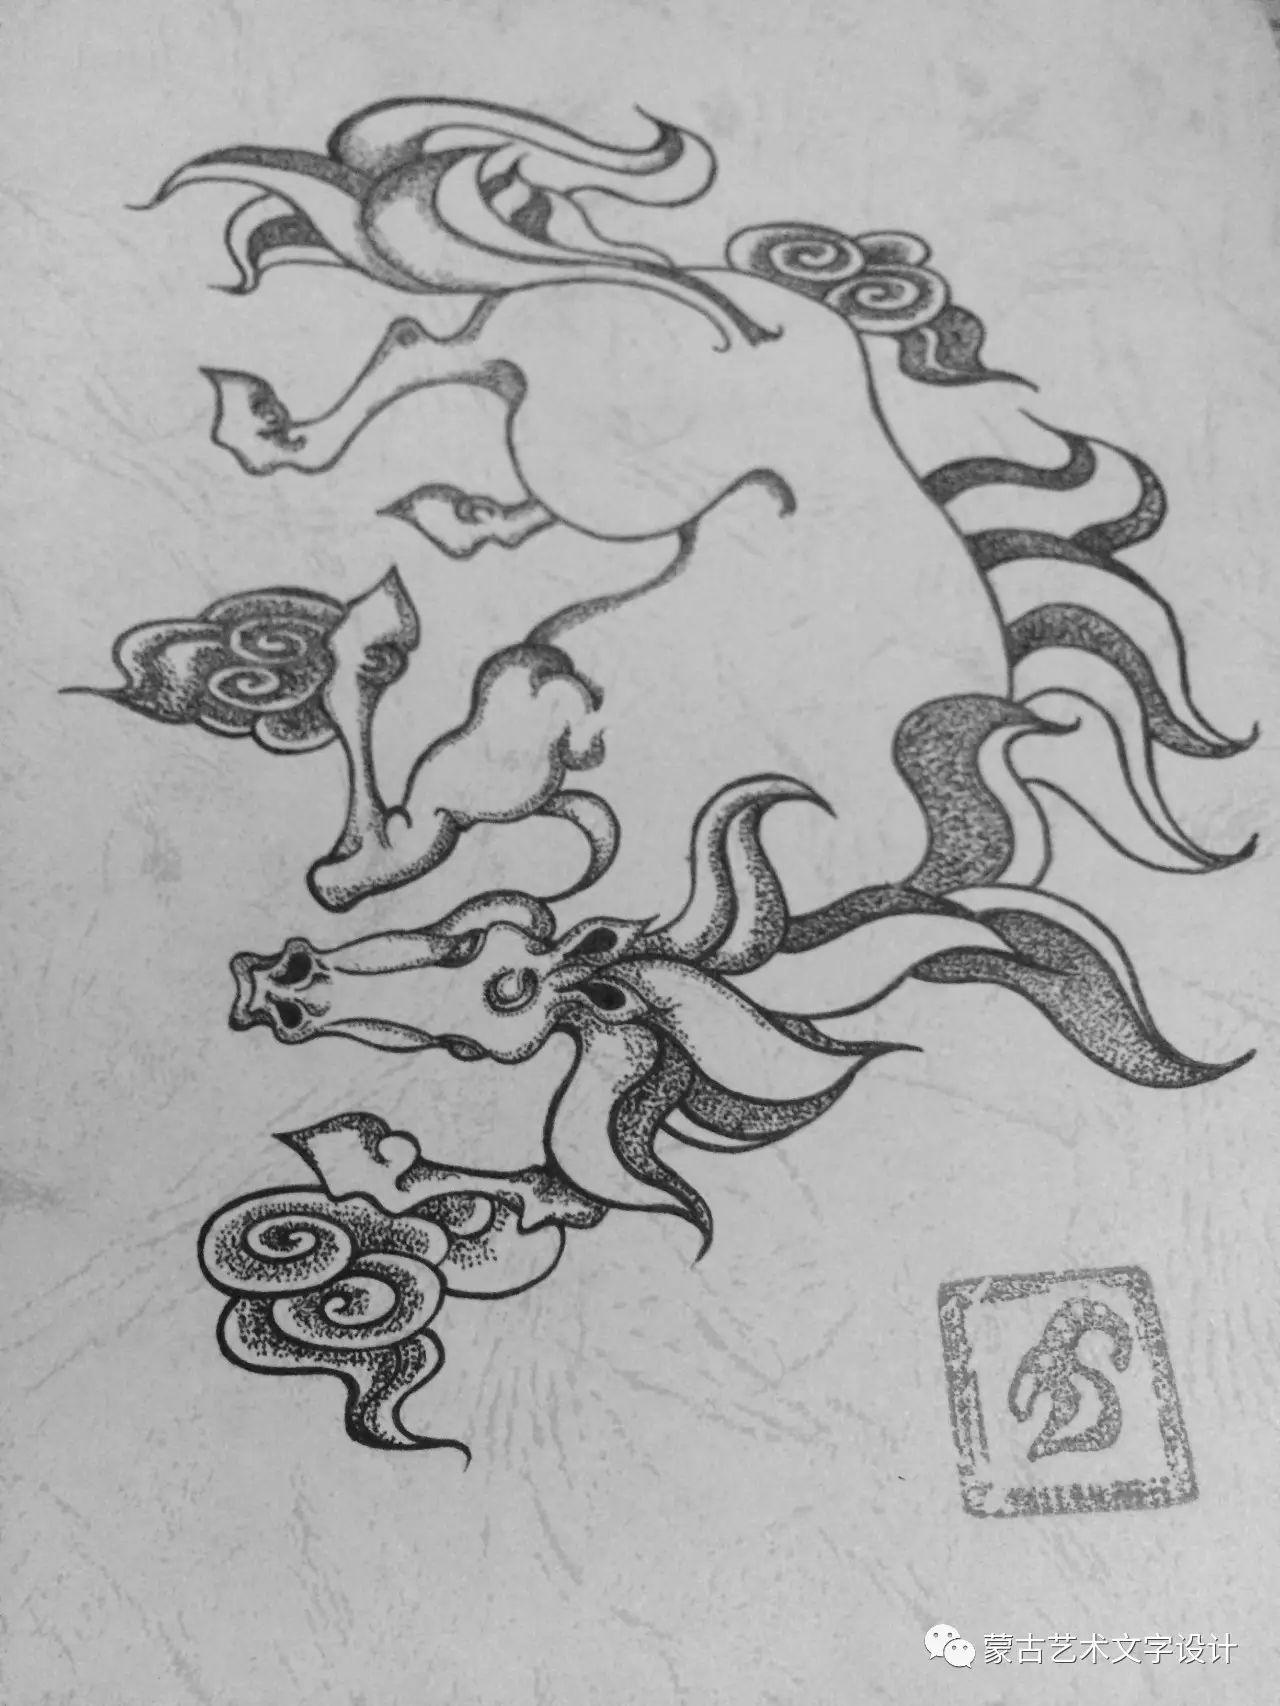 青格尔—— 蒙古族原创插画 第30张